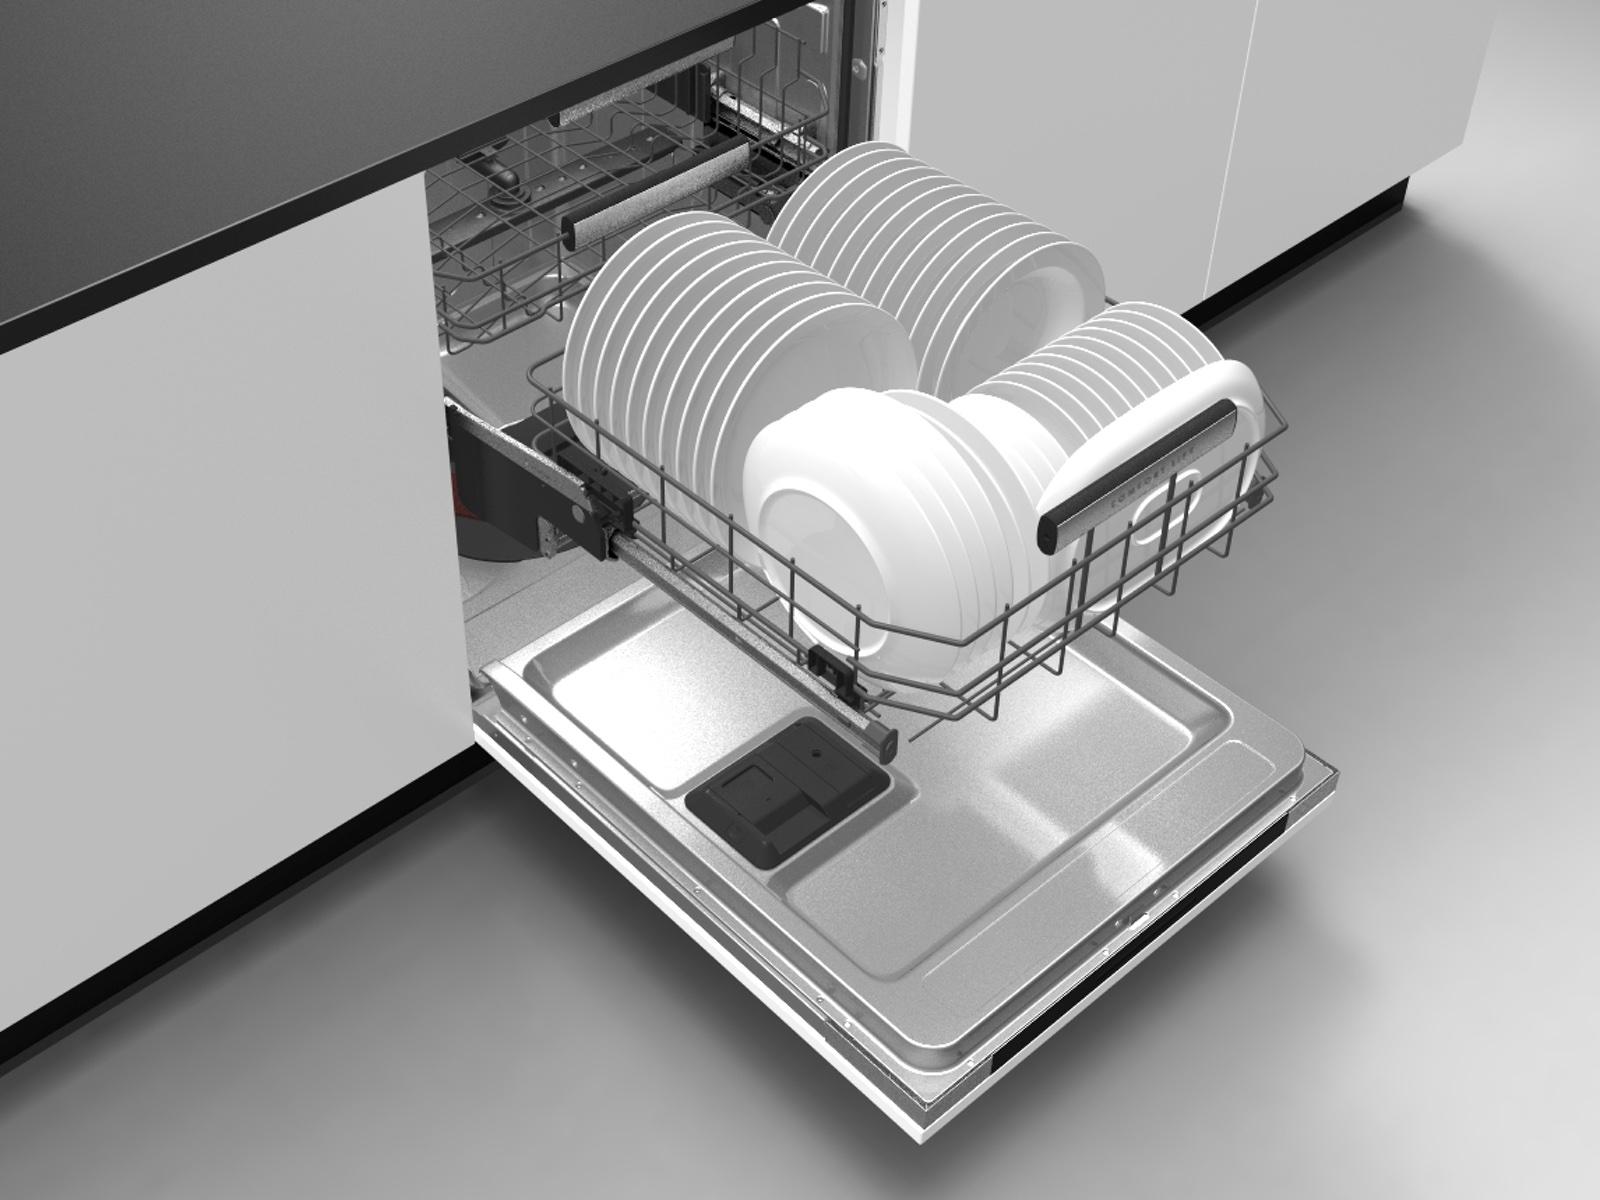 Aeg zorgt voor revolutionair comfort in de keuken for Keukentoestellen bosch